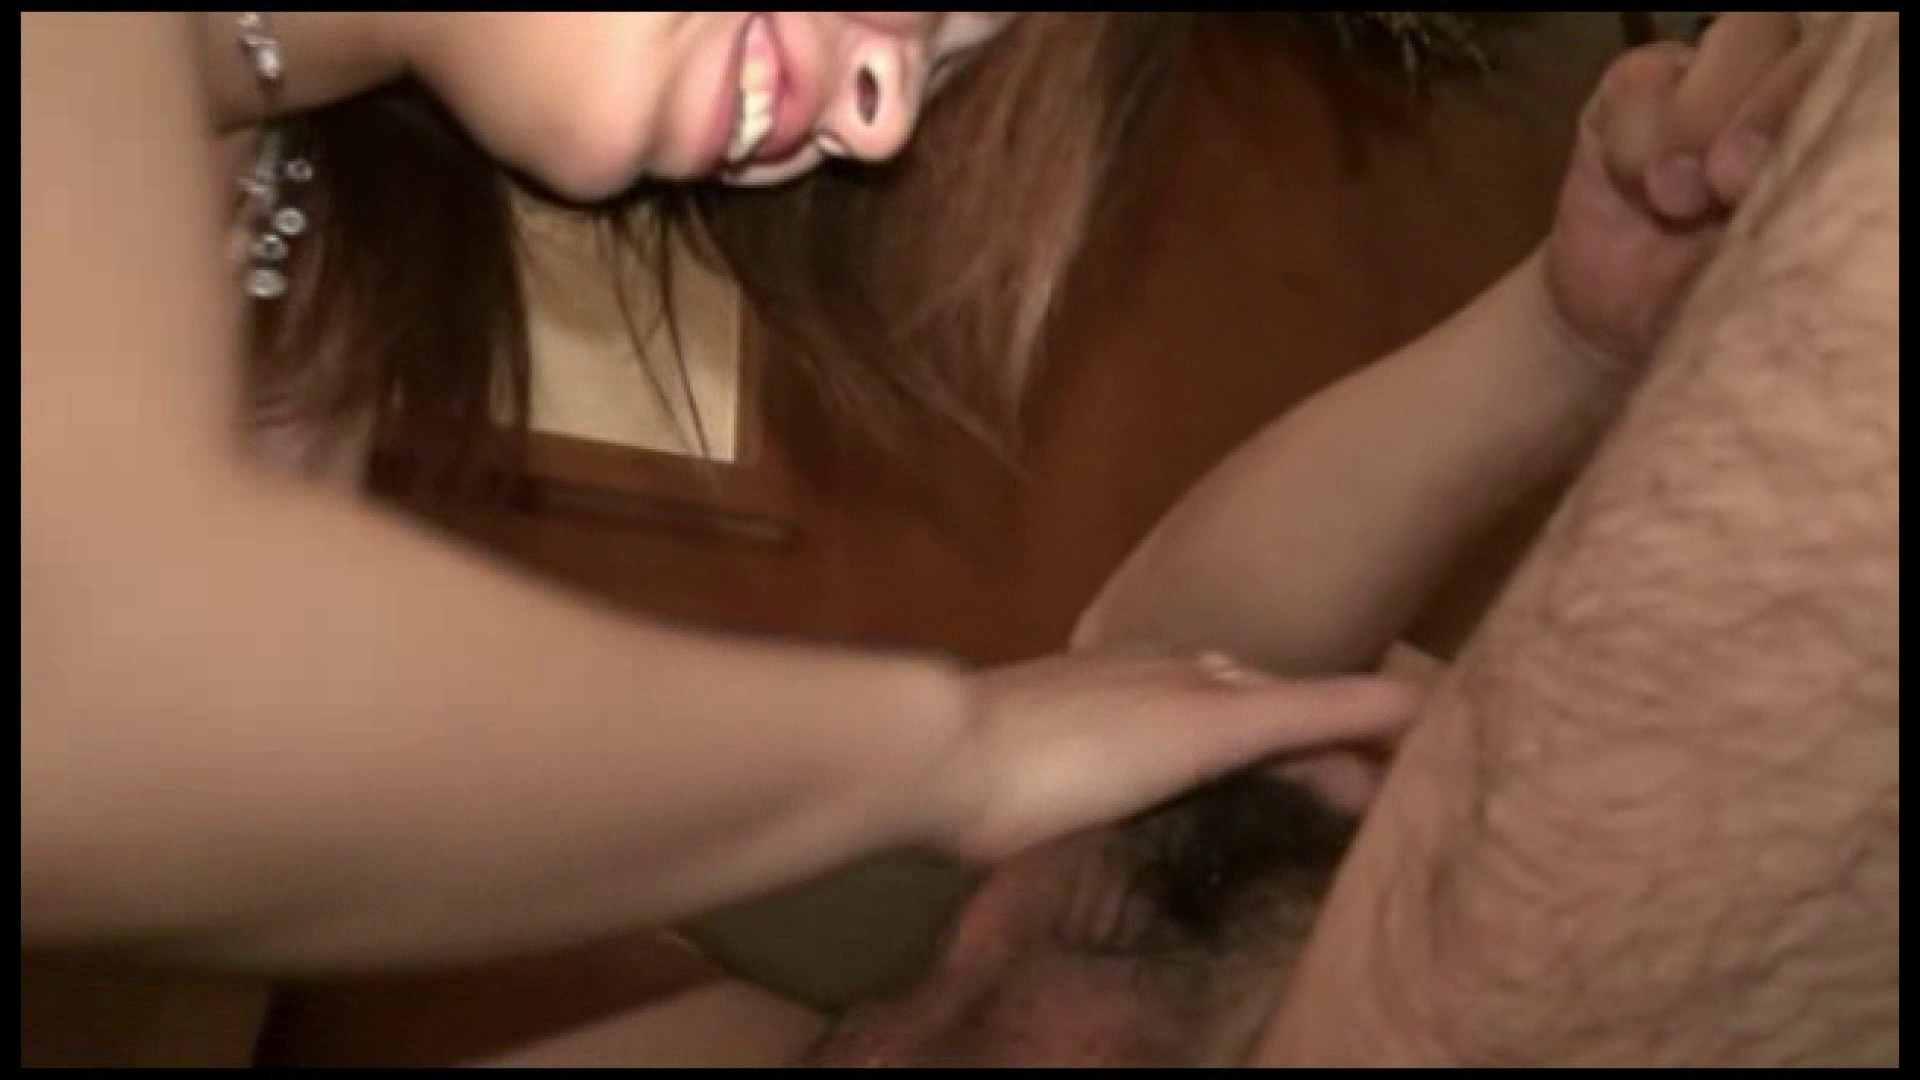 ハメ撮り天国 Vol.5 前編 流出作品 セックス画像 100pic 50